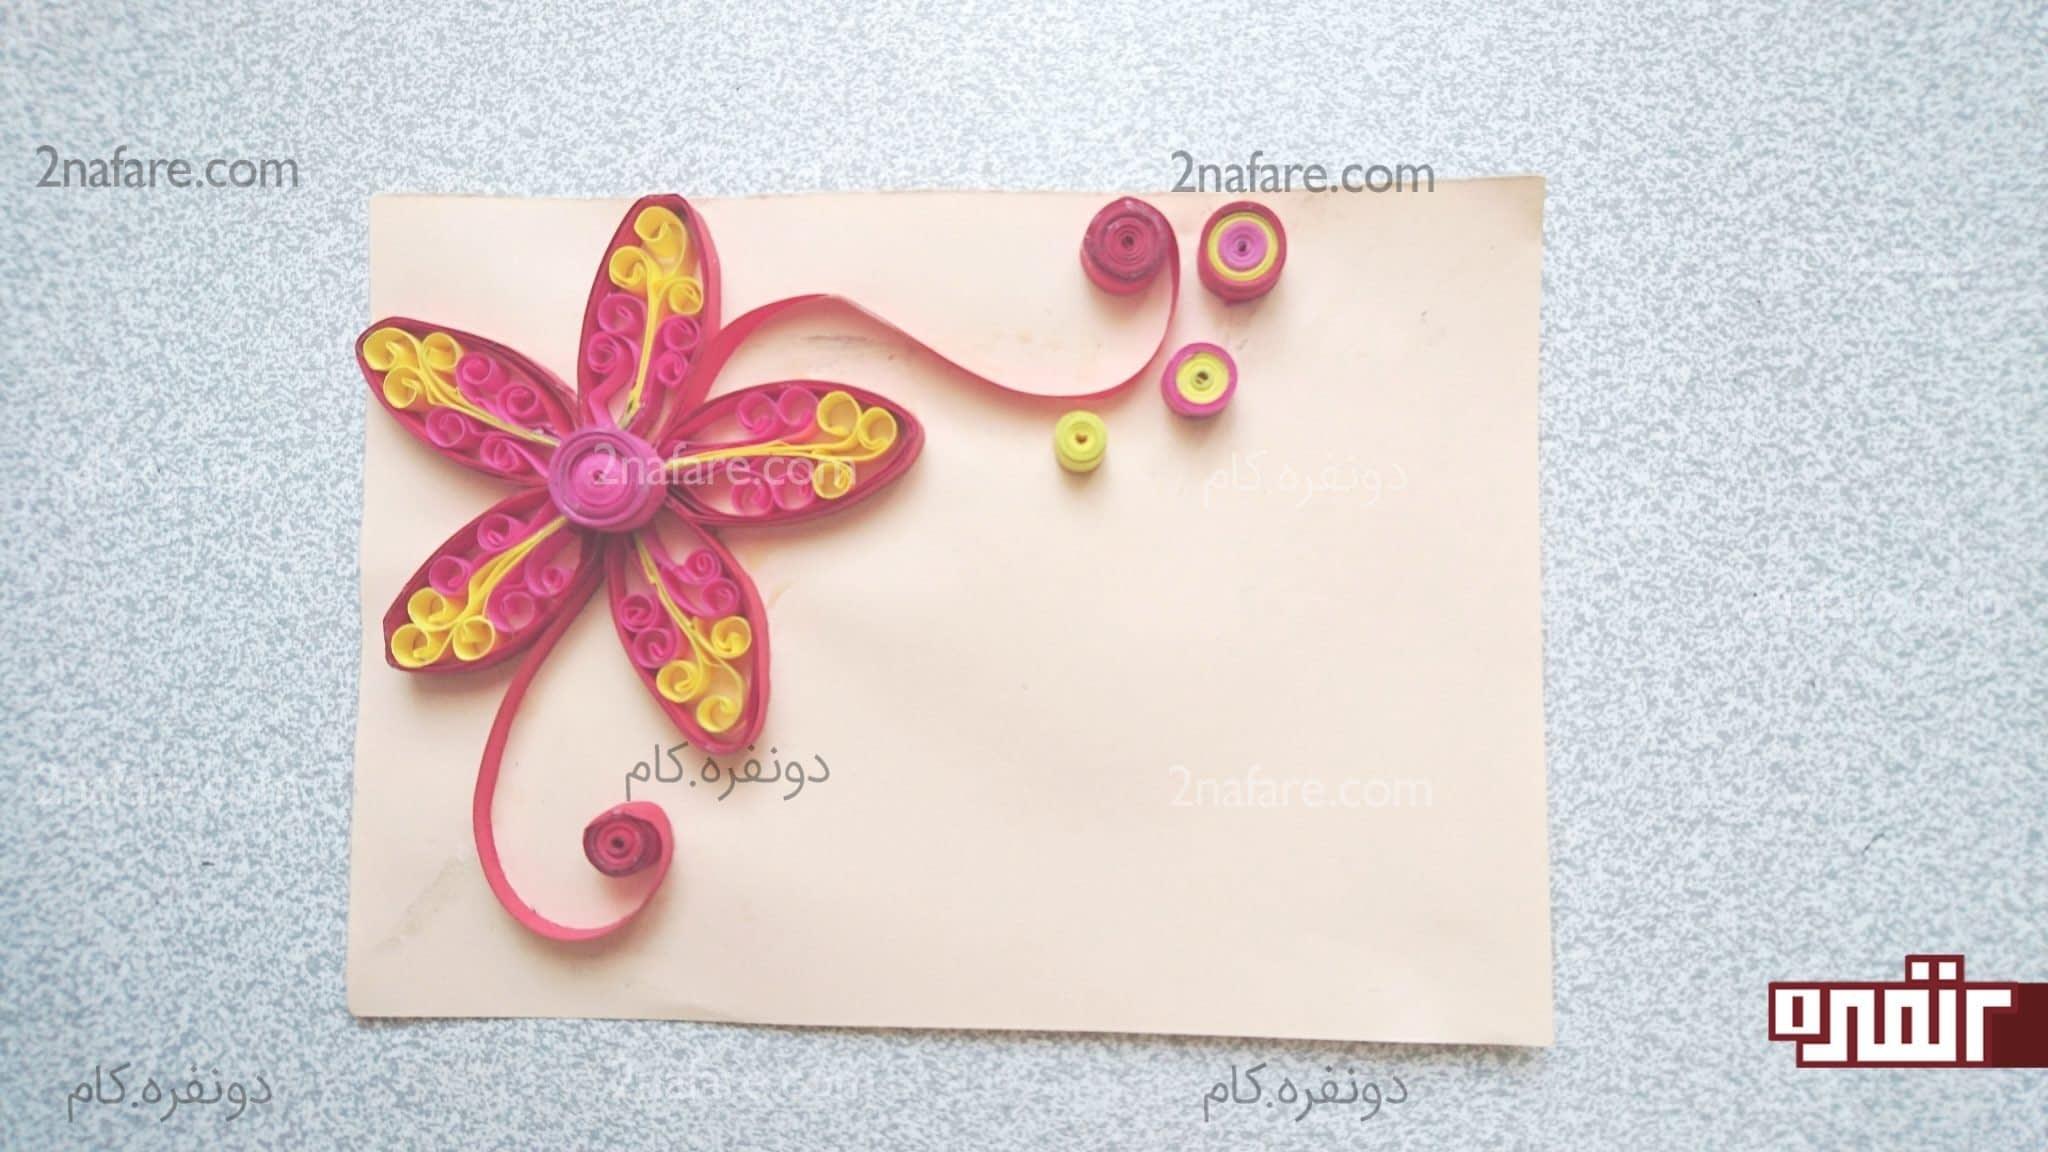 متن روی کادو آموزش گل ملیله کاغذی شش پر برای تزیین • دونفره